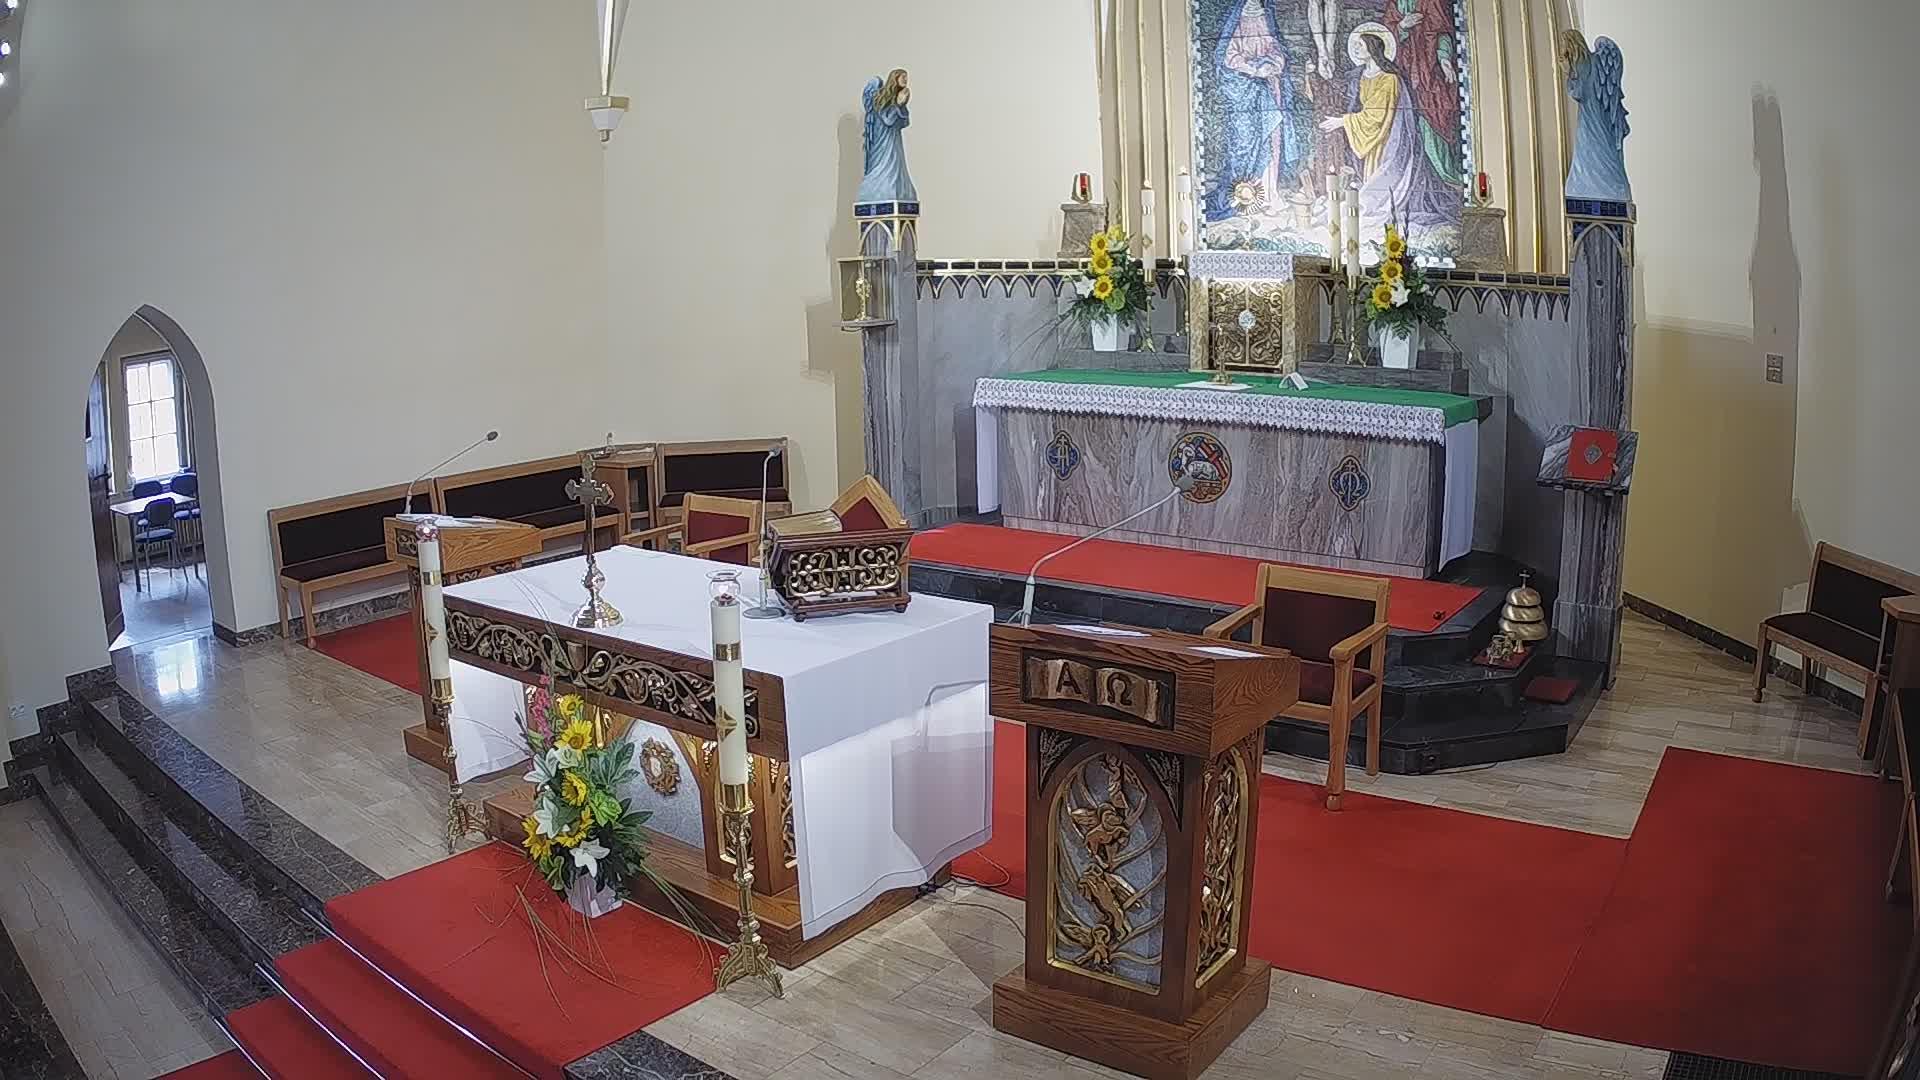 Parafia Krzyża Świętego w Raciborzu - Studzienna